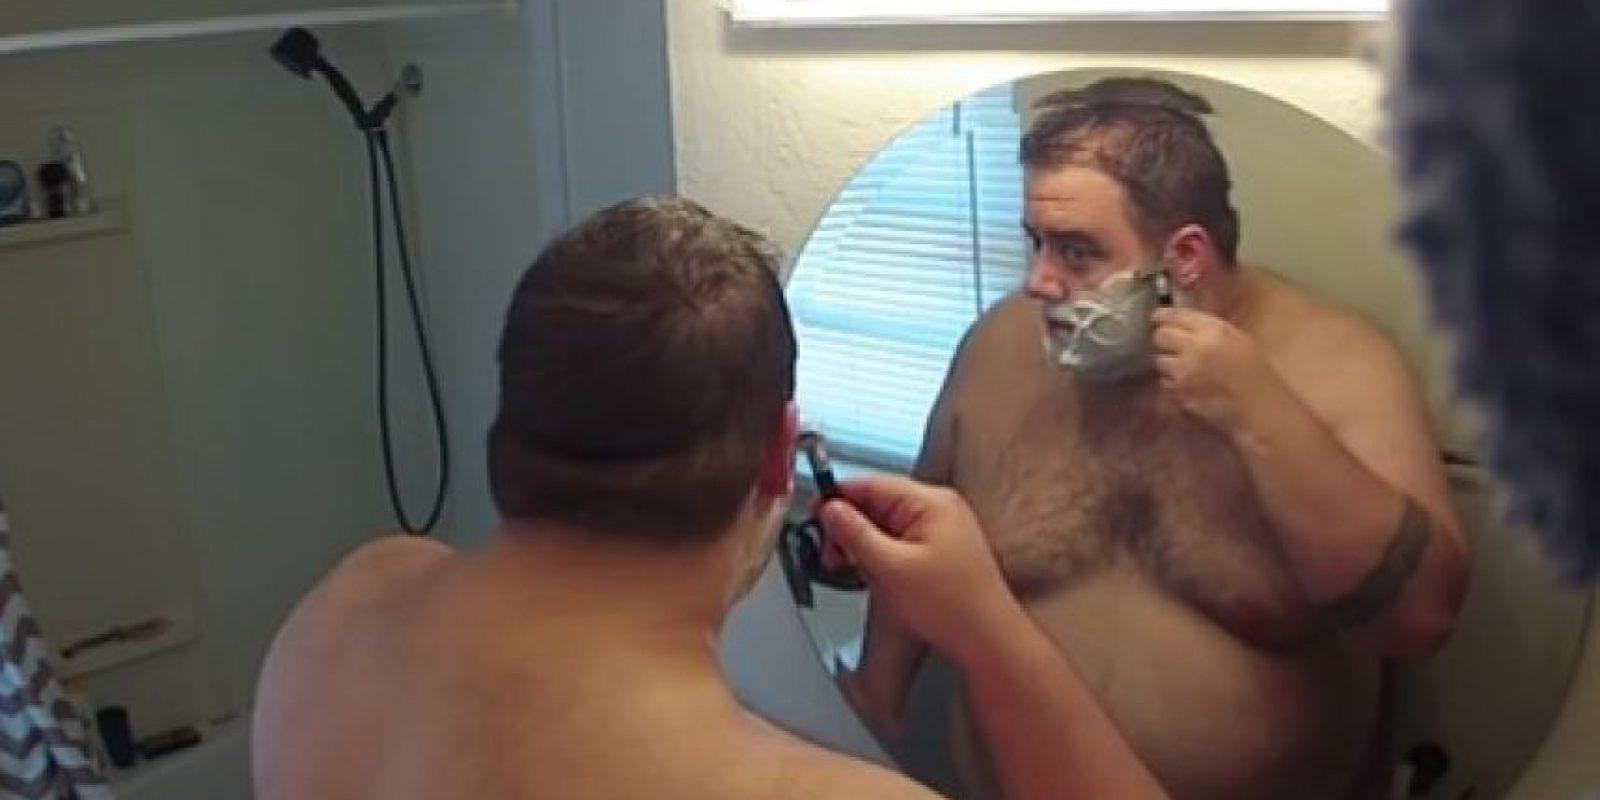 Su barba llena de salsa picante luego de afeitarse Foto:Vía youtube